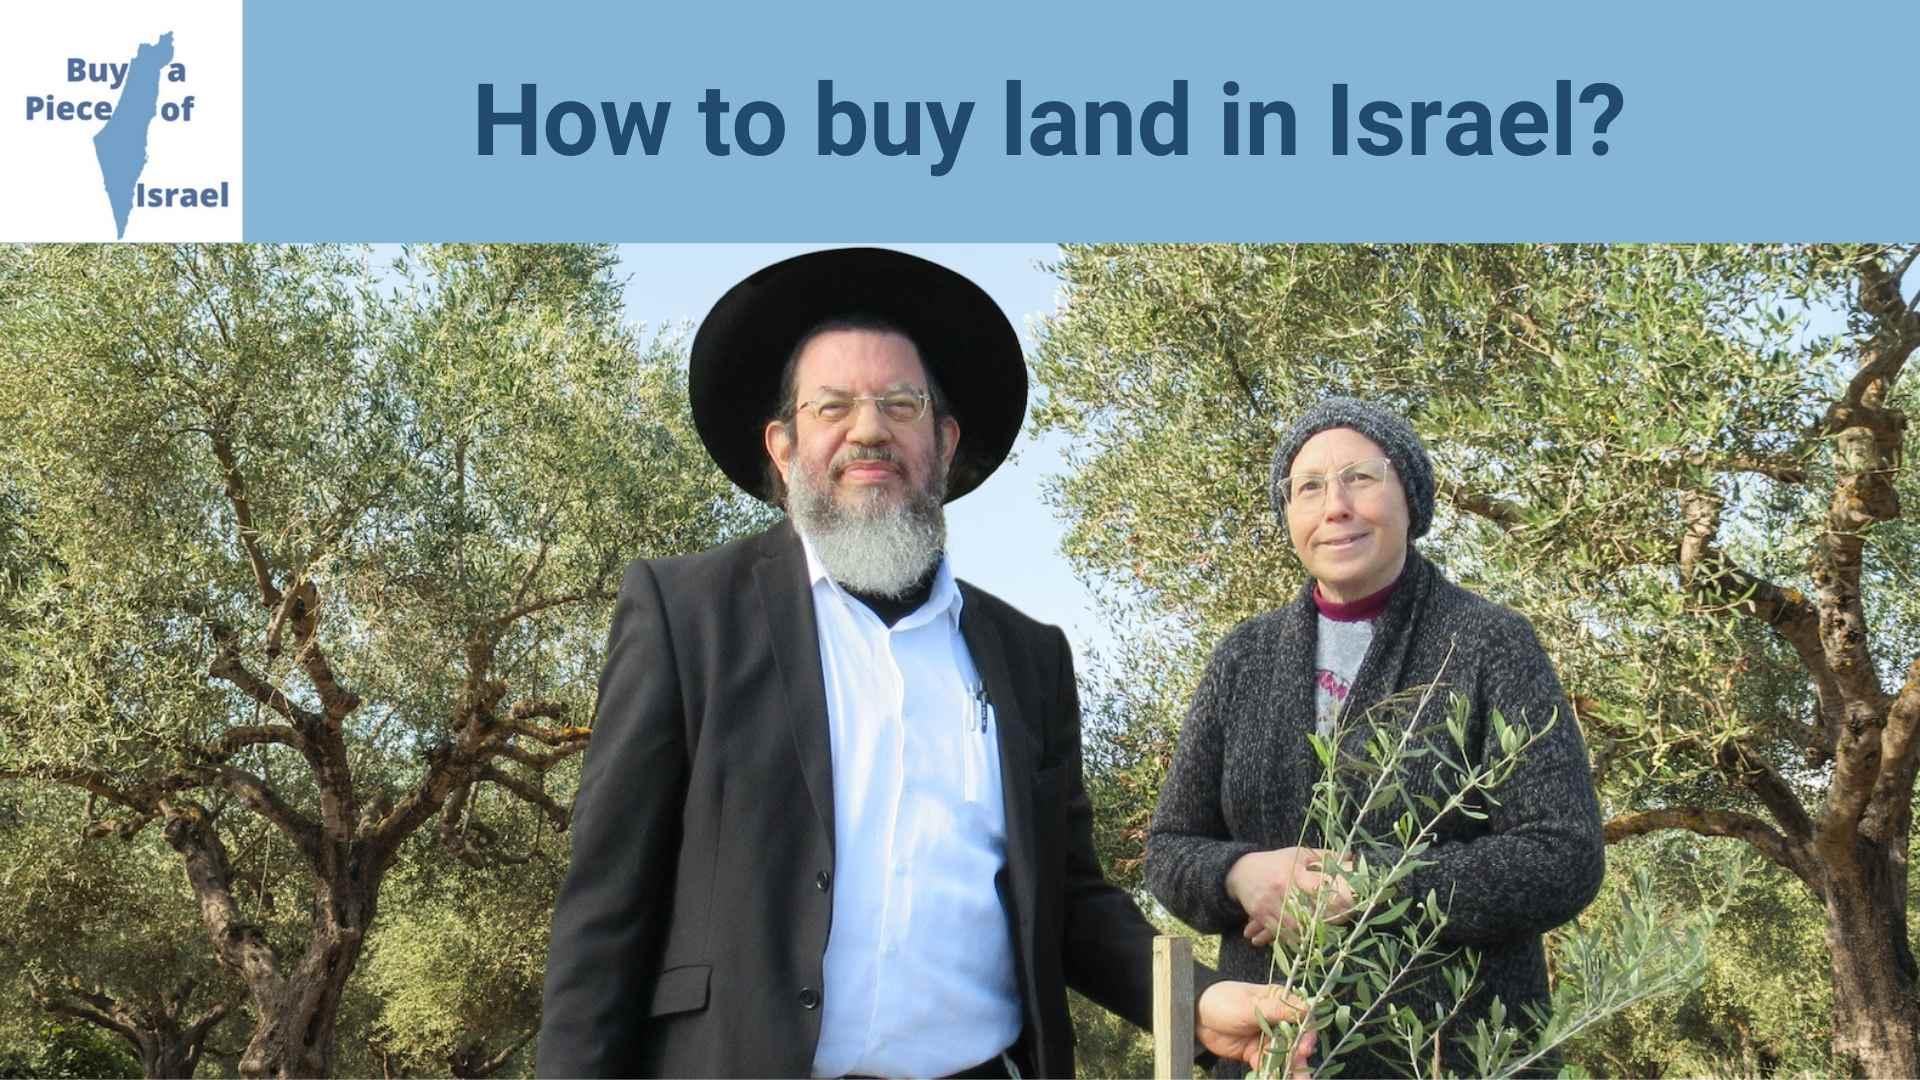 Buy Land in Israel